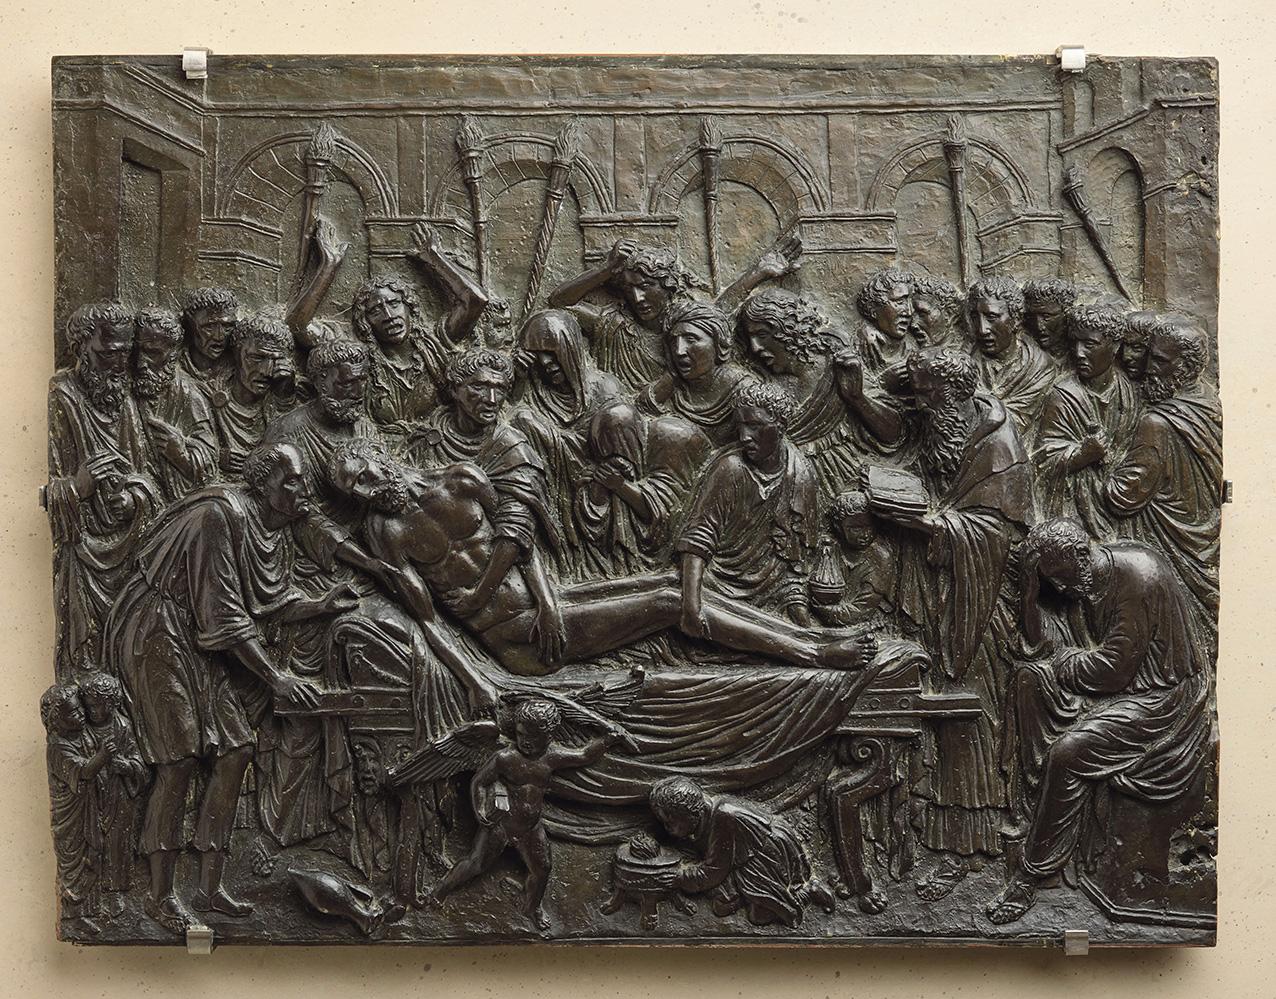 Andrea Briosco, dit Riccio (1470-1532), La Mort, vers1515, bronze, 37x49cm, Paris, musée du Louvre. ©RMN – Grand Palais (musée du Lo